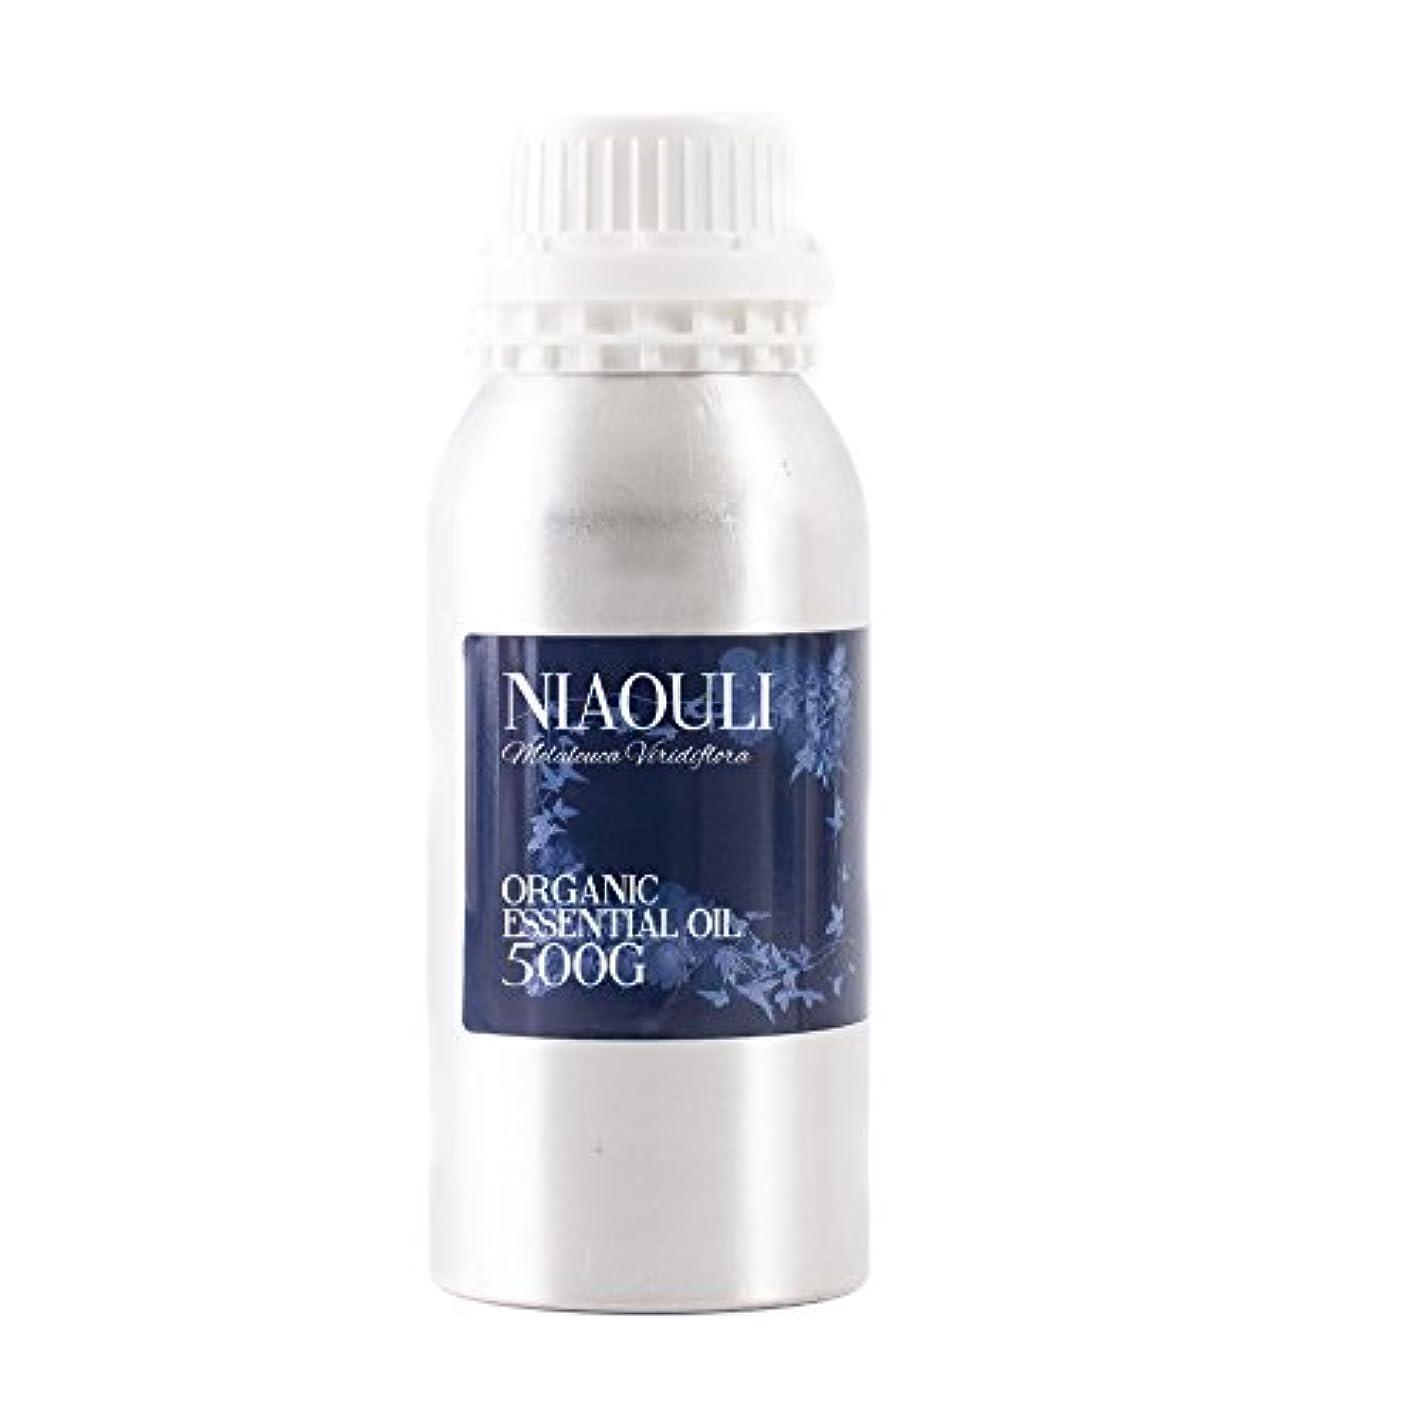 アソシエイトロケット王朝Mystic Moments | Niaouli Organic Essential Oil - 500g - 100% Pure